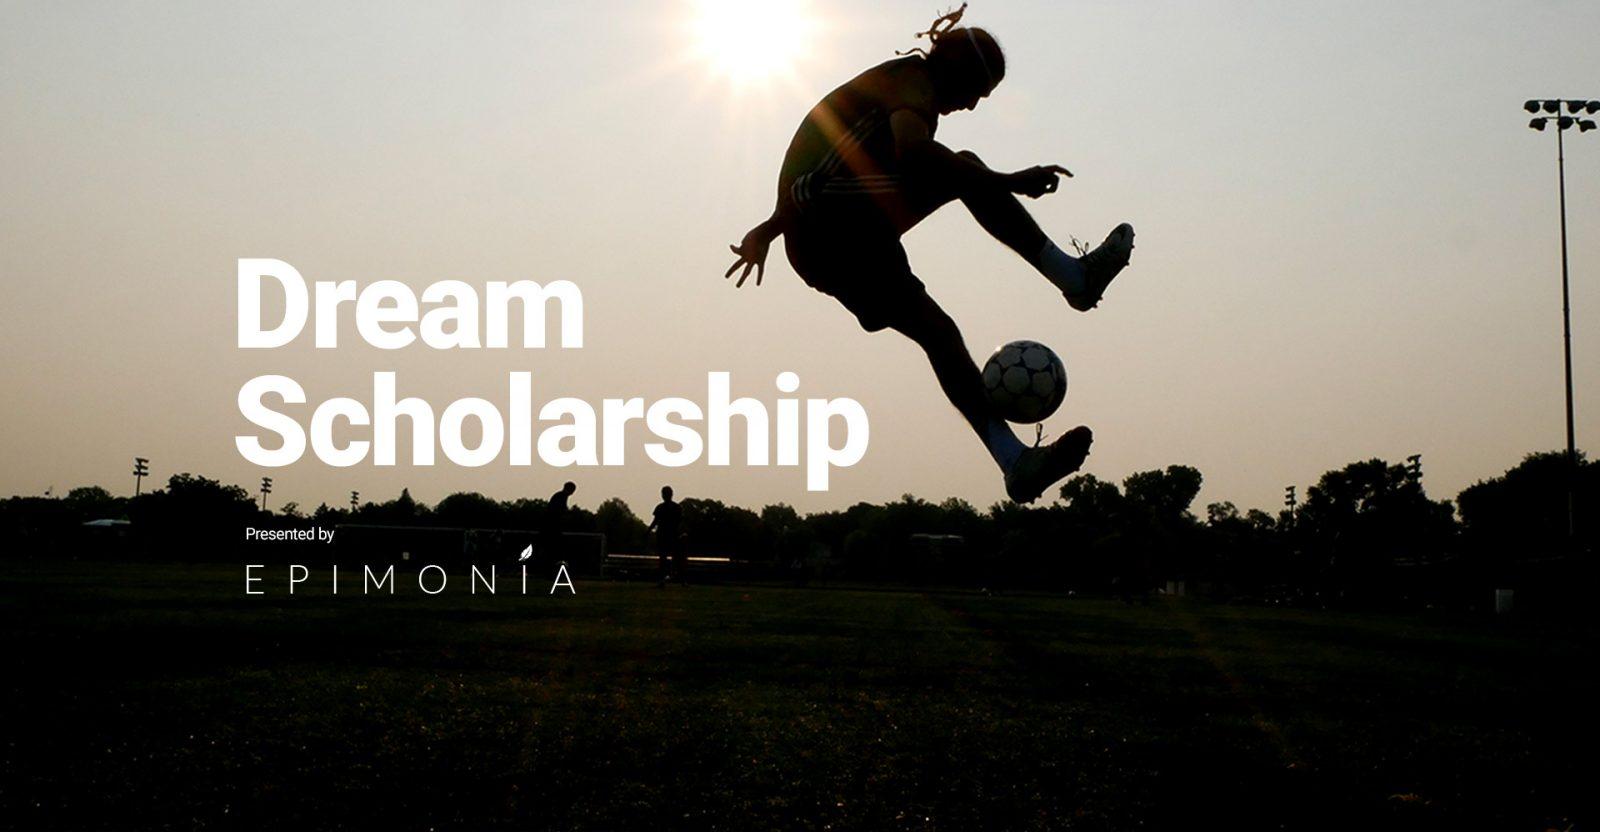 karen-national-team-full-image-header-desktop-home-dream-scholarship-bottom